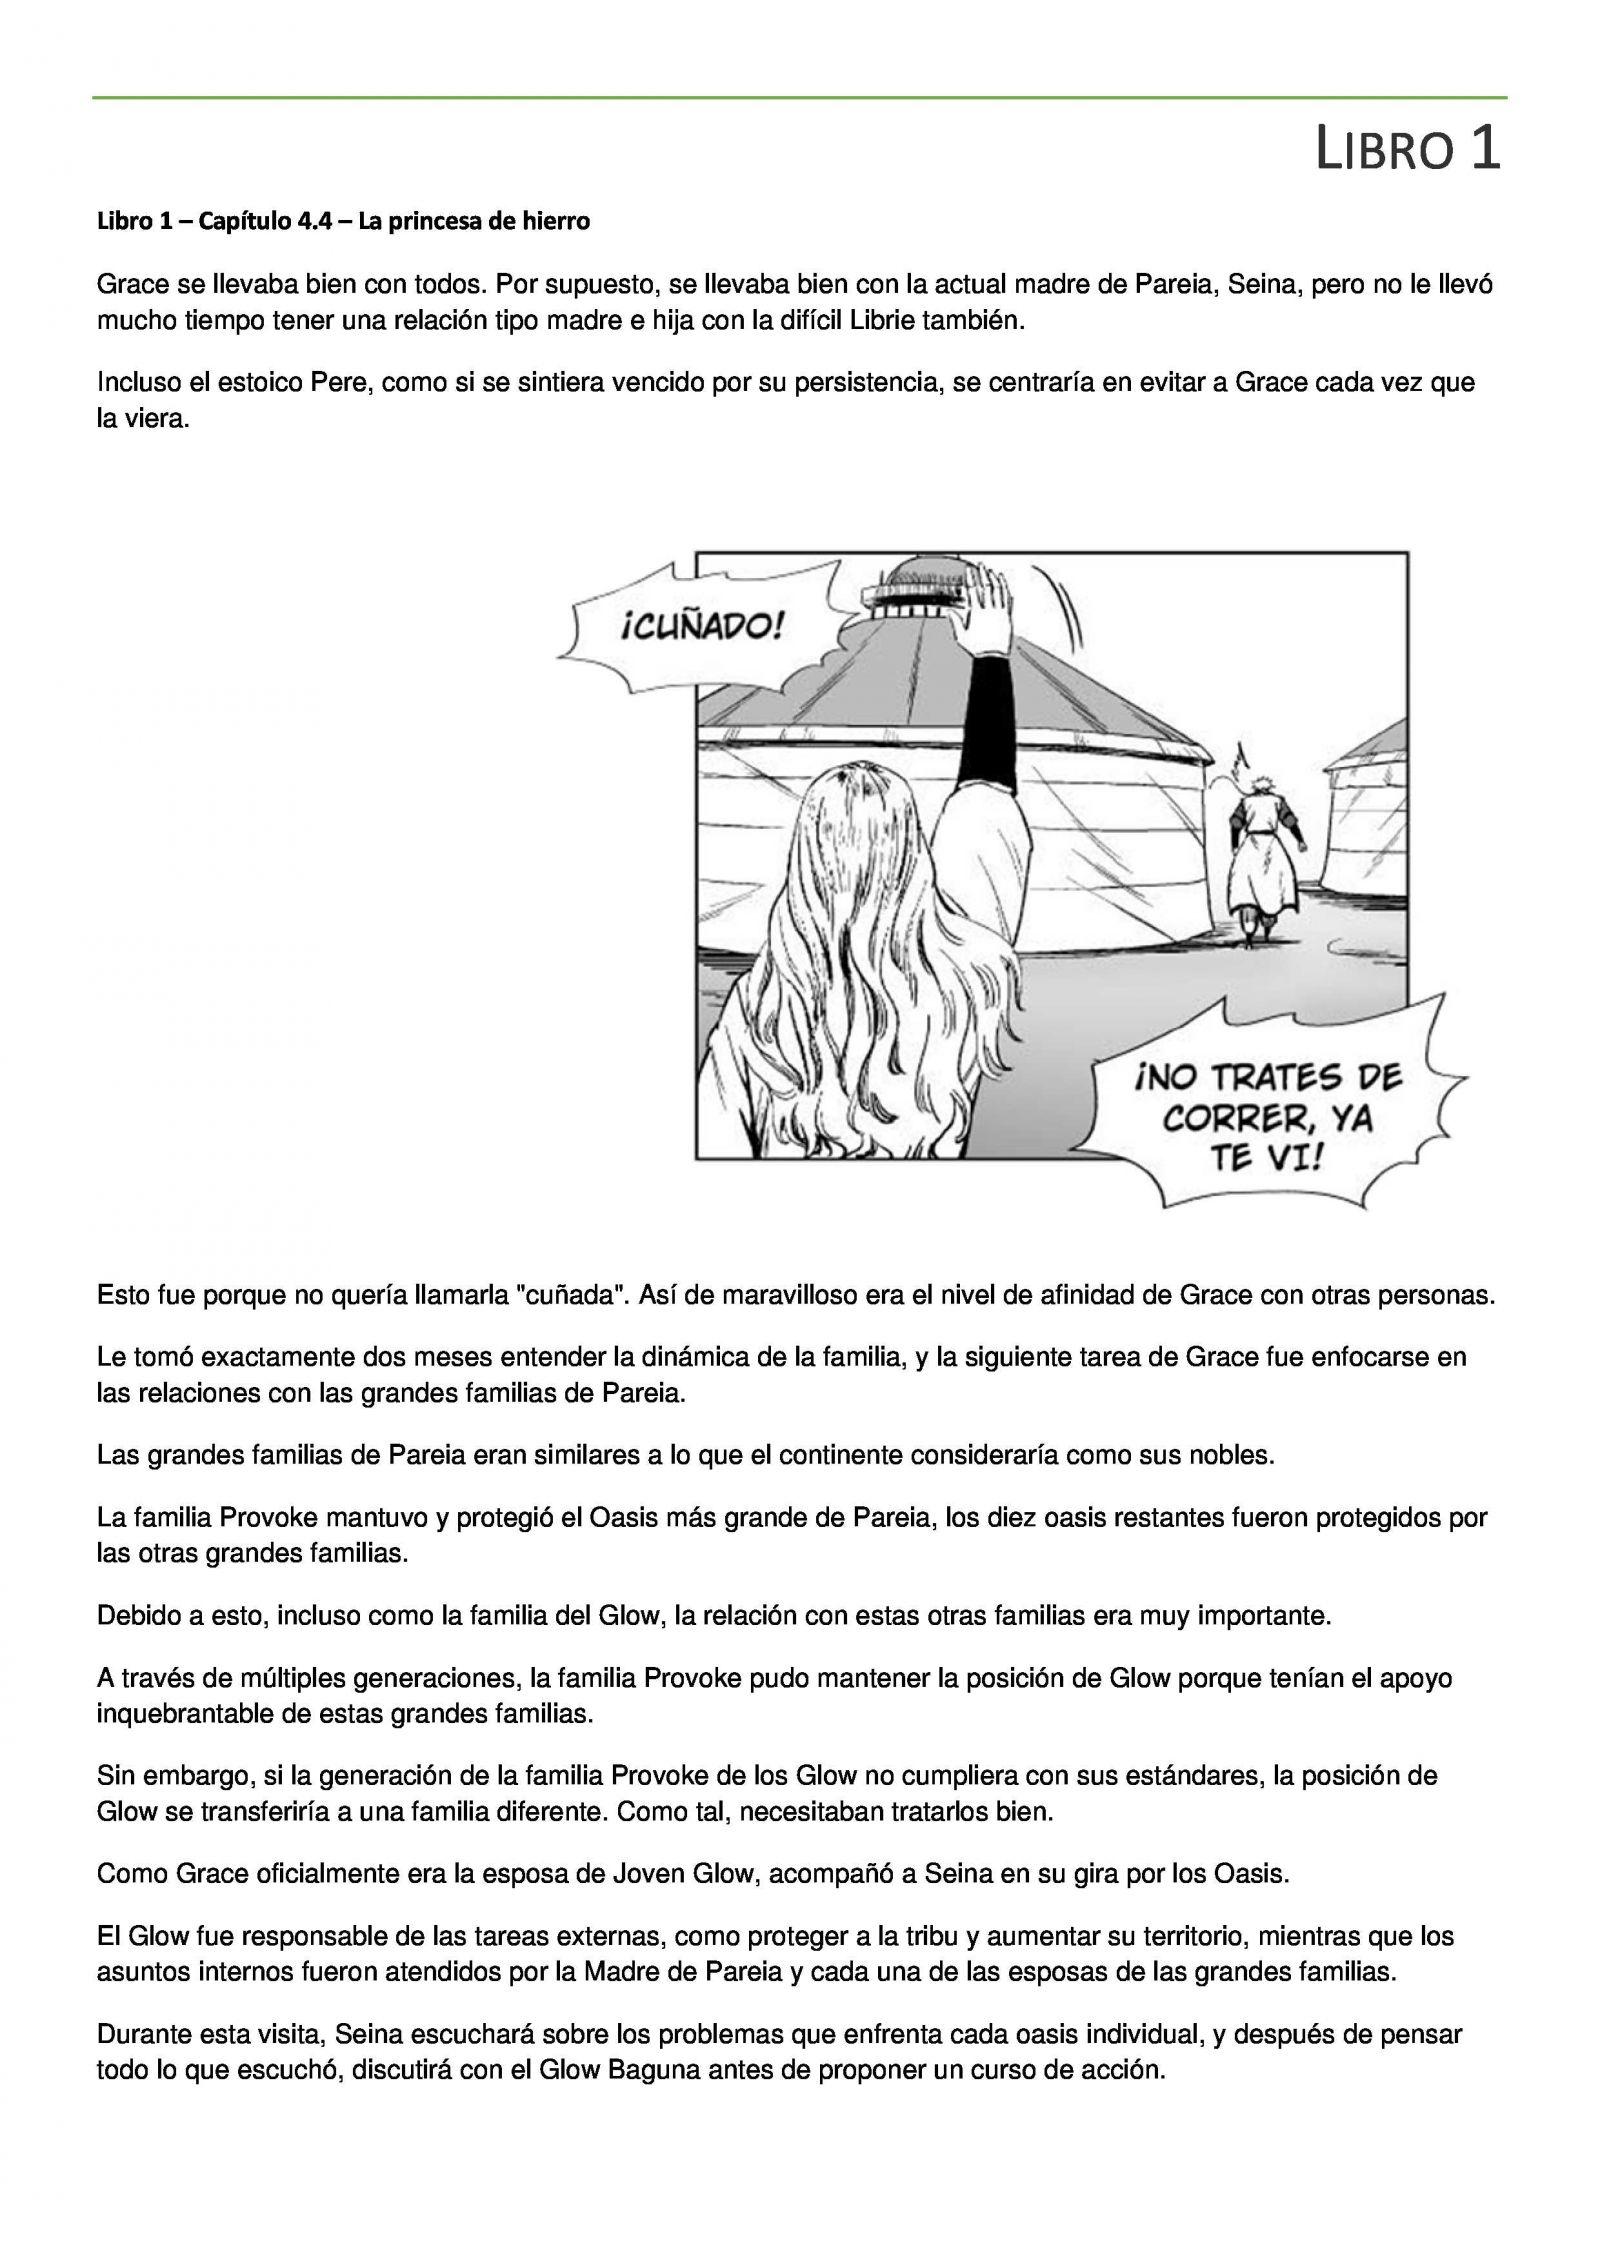 https://c9.mangatag.com/es_manga/pic4/55/24695/624679/8a6a6209090b90fbc29026916155dec2.jpg Page 1